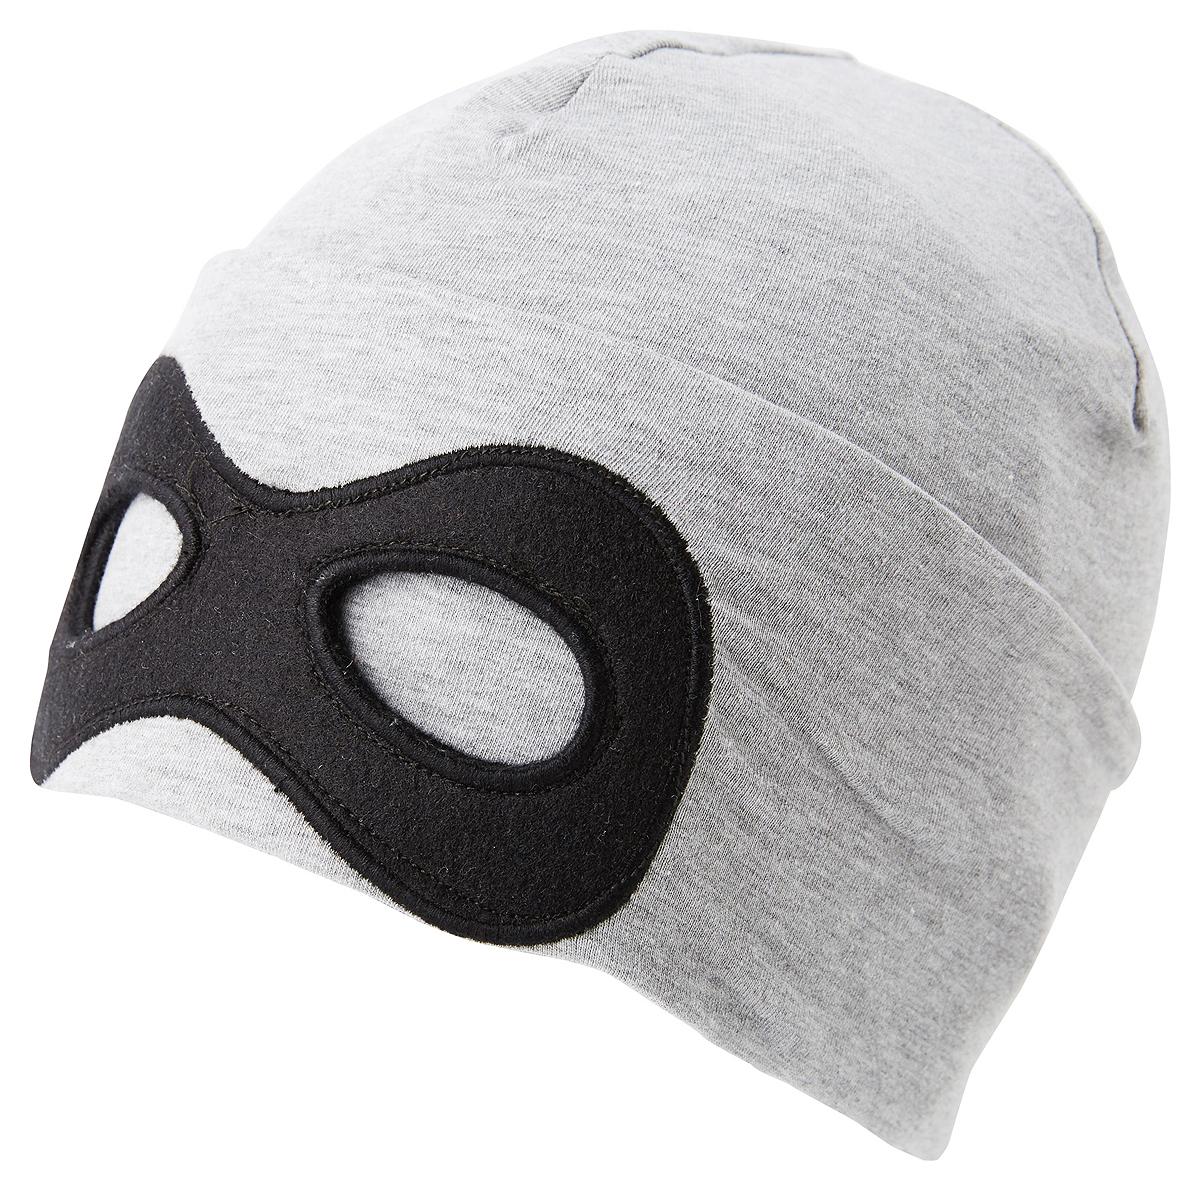 Шапка для мальчика Tom Tailor, цвет: серый. 0221631.00.82_2482. Размер 54/560221631.00.82_2482Шапка для мальчика от Tom Tailor выполнена из эластичного хлопкового трикотажа с добавлением вискозы. Спереди шапка оформлена имитацией маски.